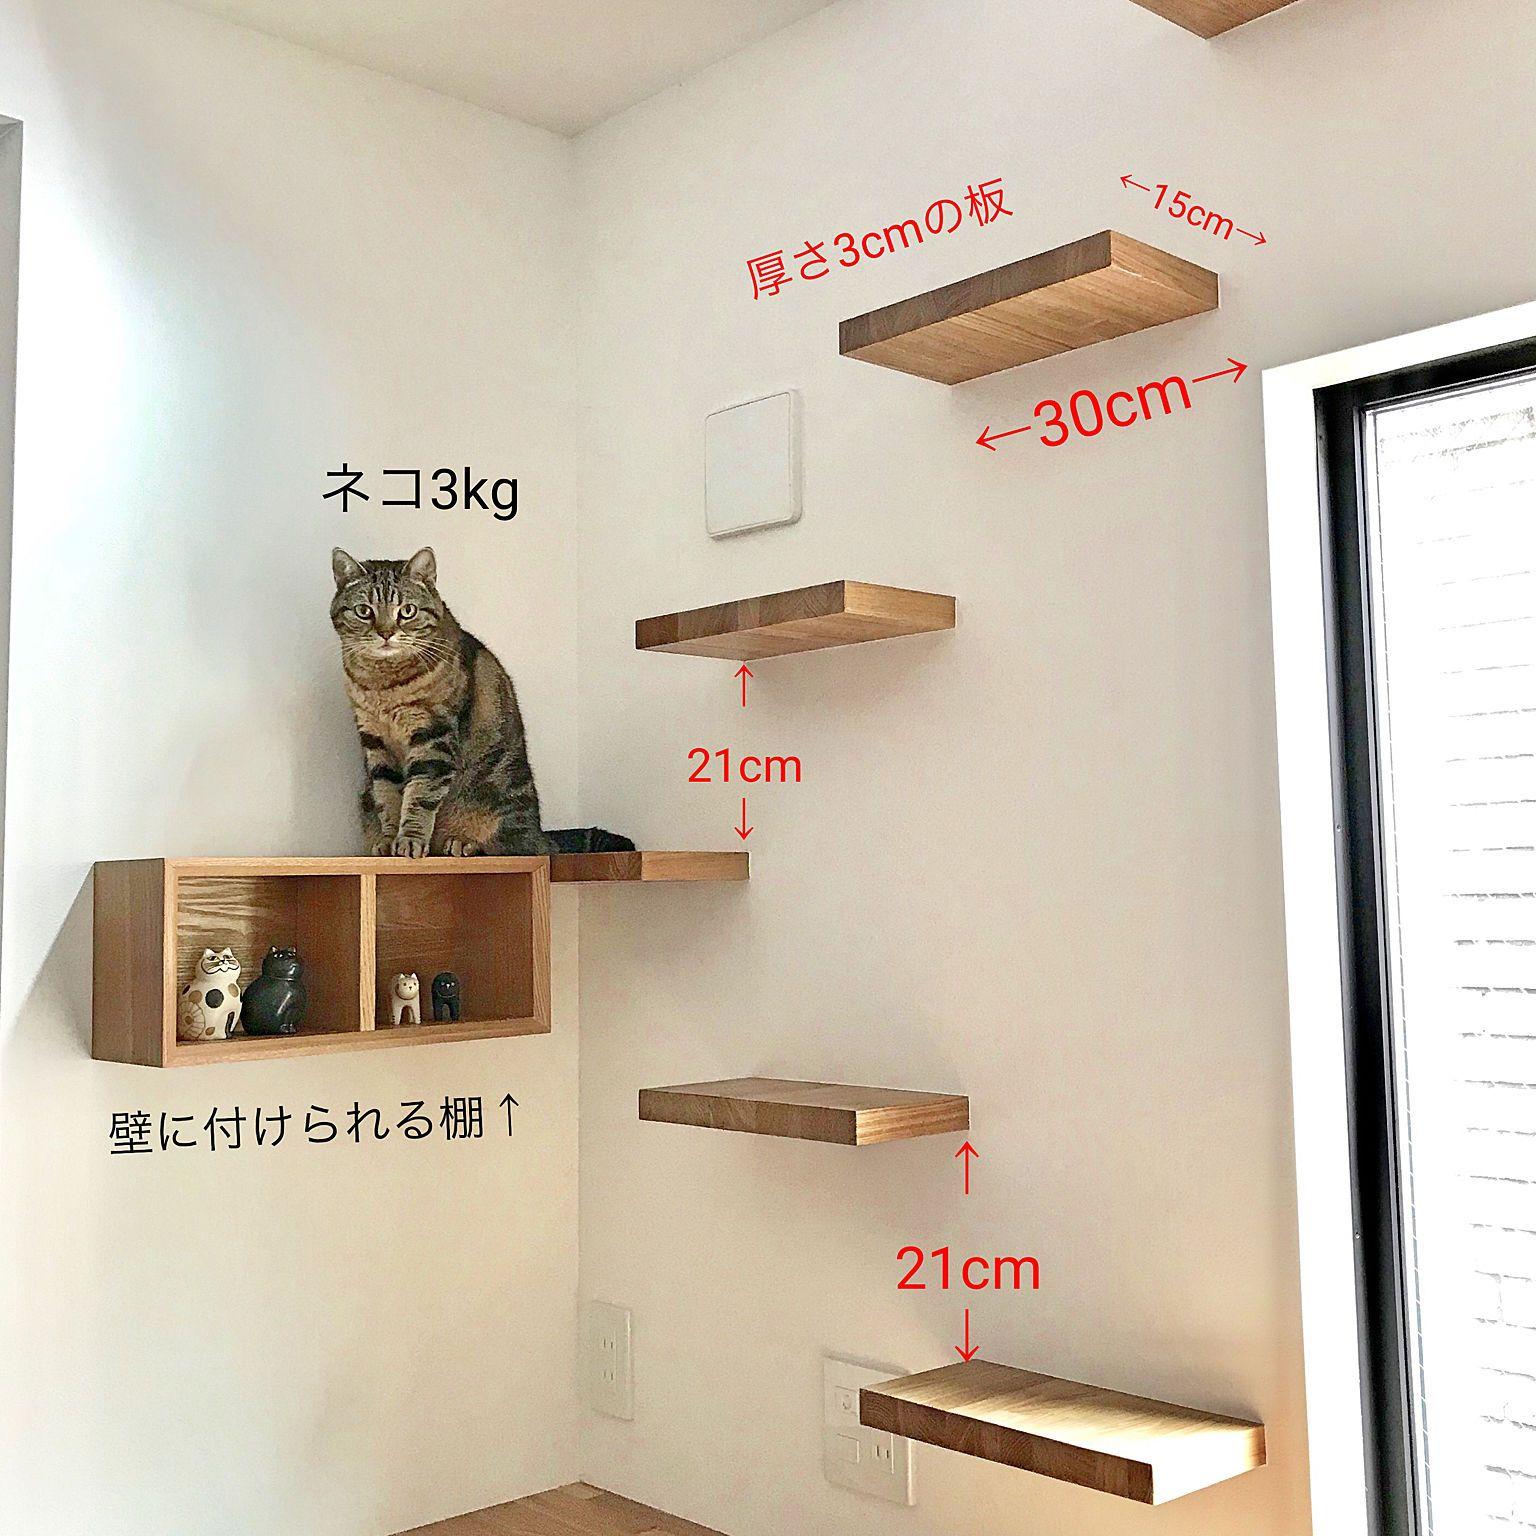 壁 天井 ねこと暮らす 猫のいる暮らし ねこのいる日常 キャットタワー などのインテリア実例 2019 02 01 20 22 58 Roomclip ルームクリップ キャットタワー 猫の家具 ねこ インテリア